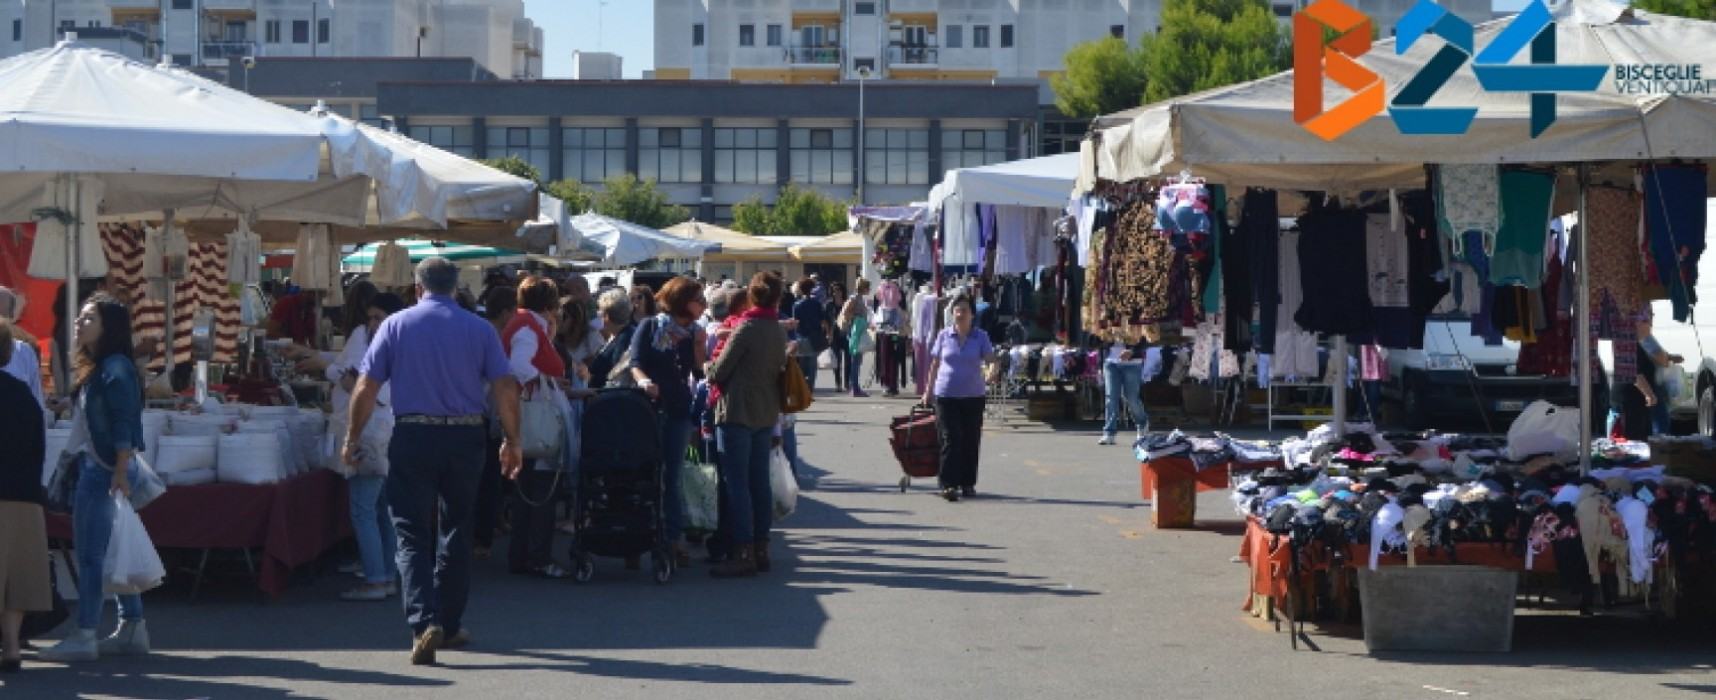 Martedì 11 agosto il mercato settimanale si svolgerà di pomeriggio e sera